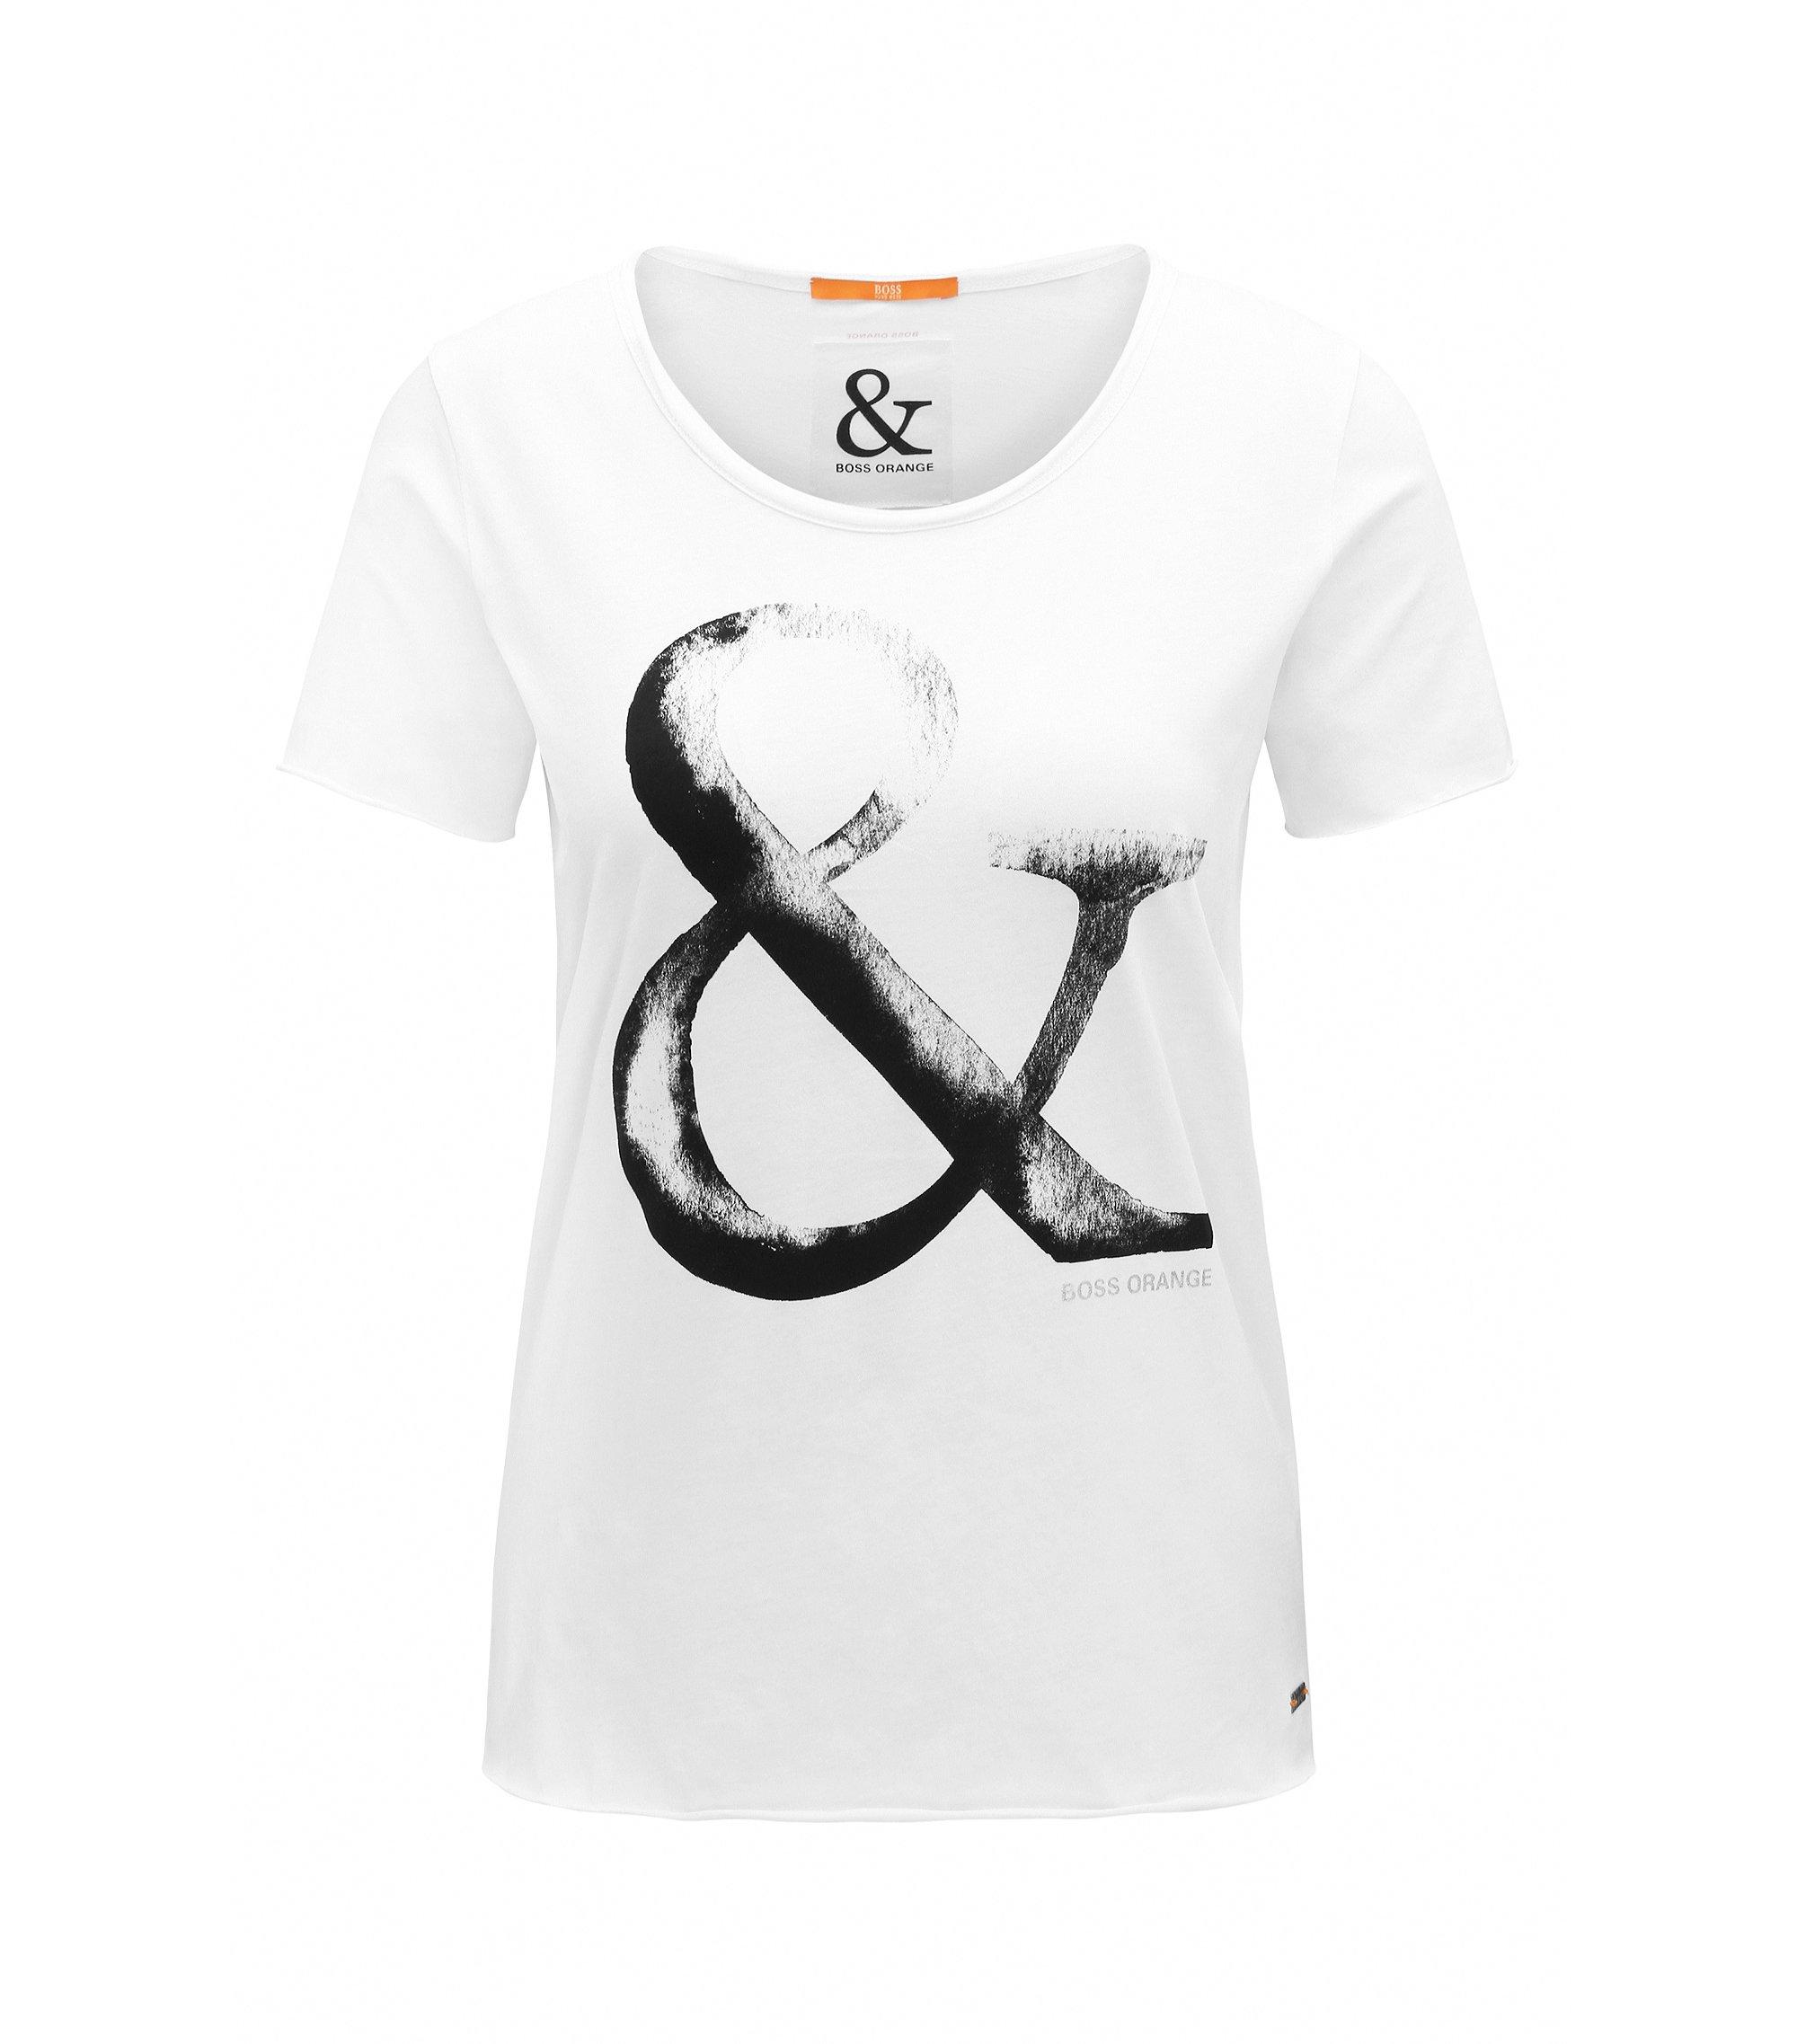 T-shirt en coton Slim Fit à motif esperluette imprimé, Blanc